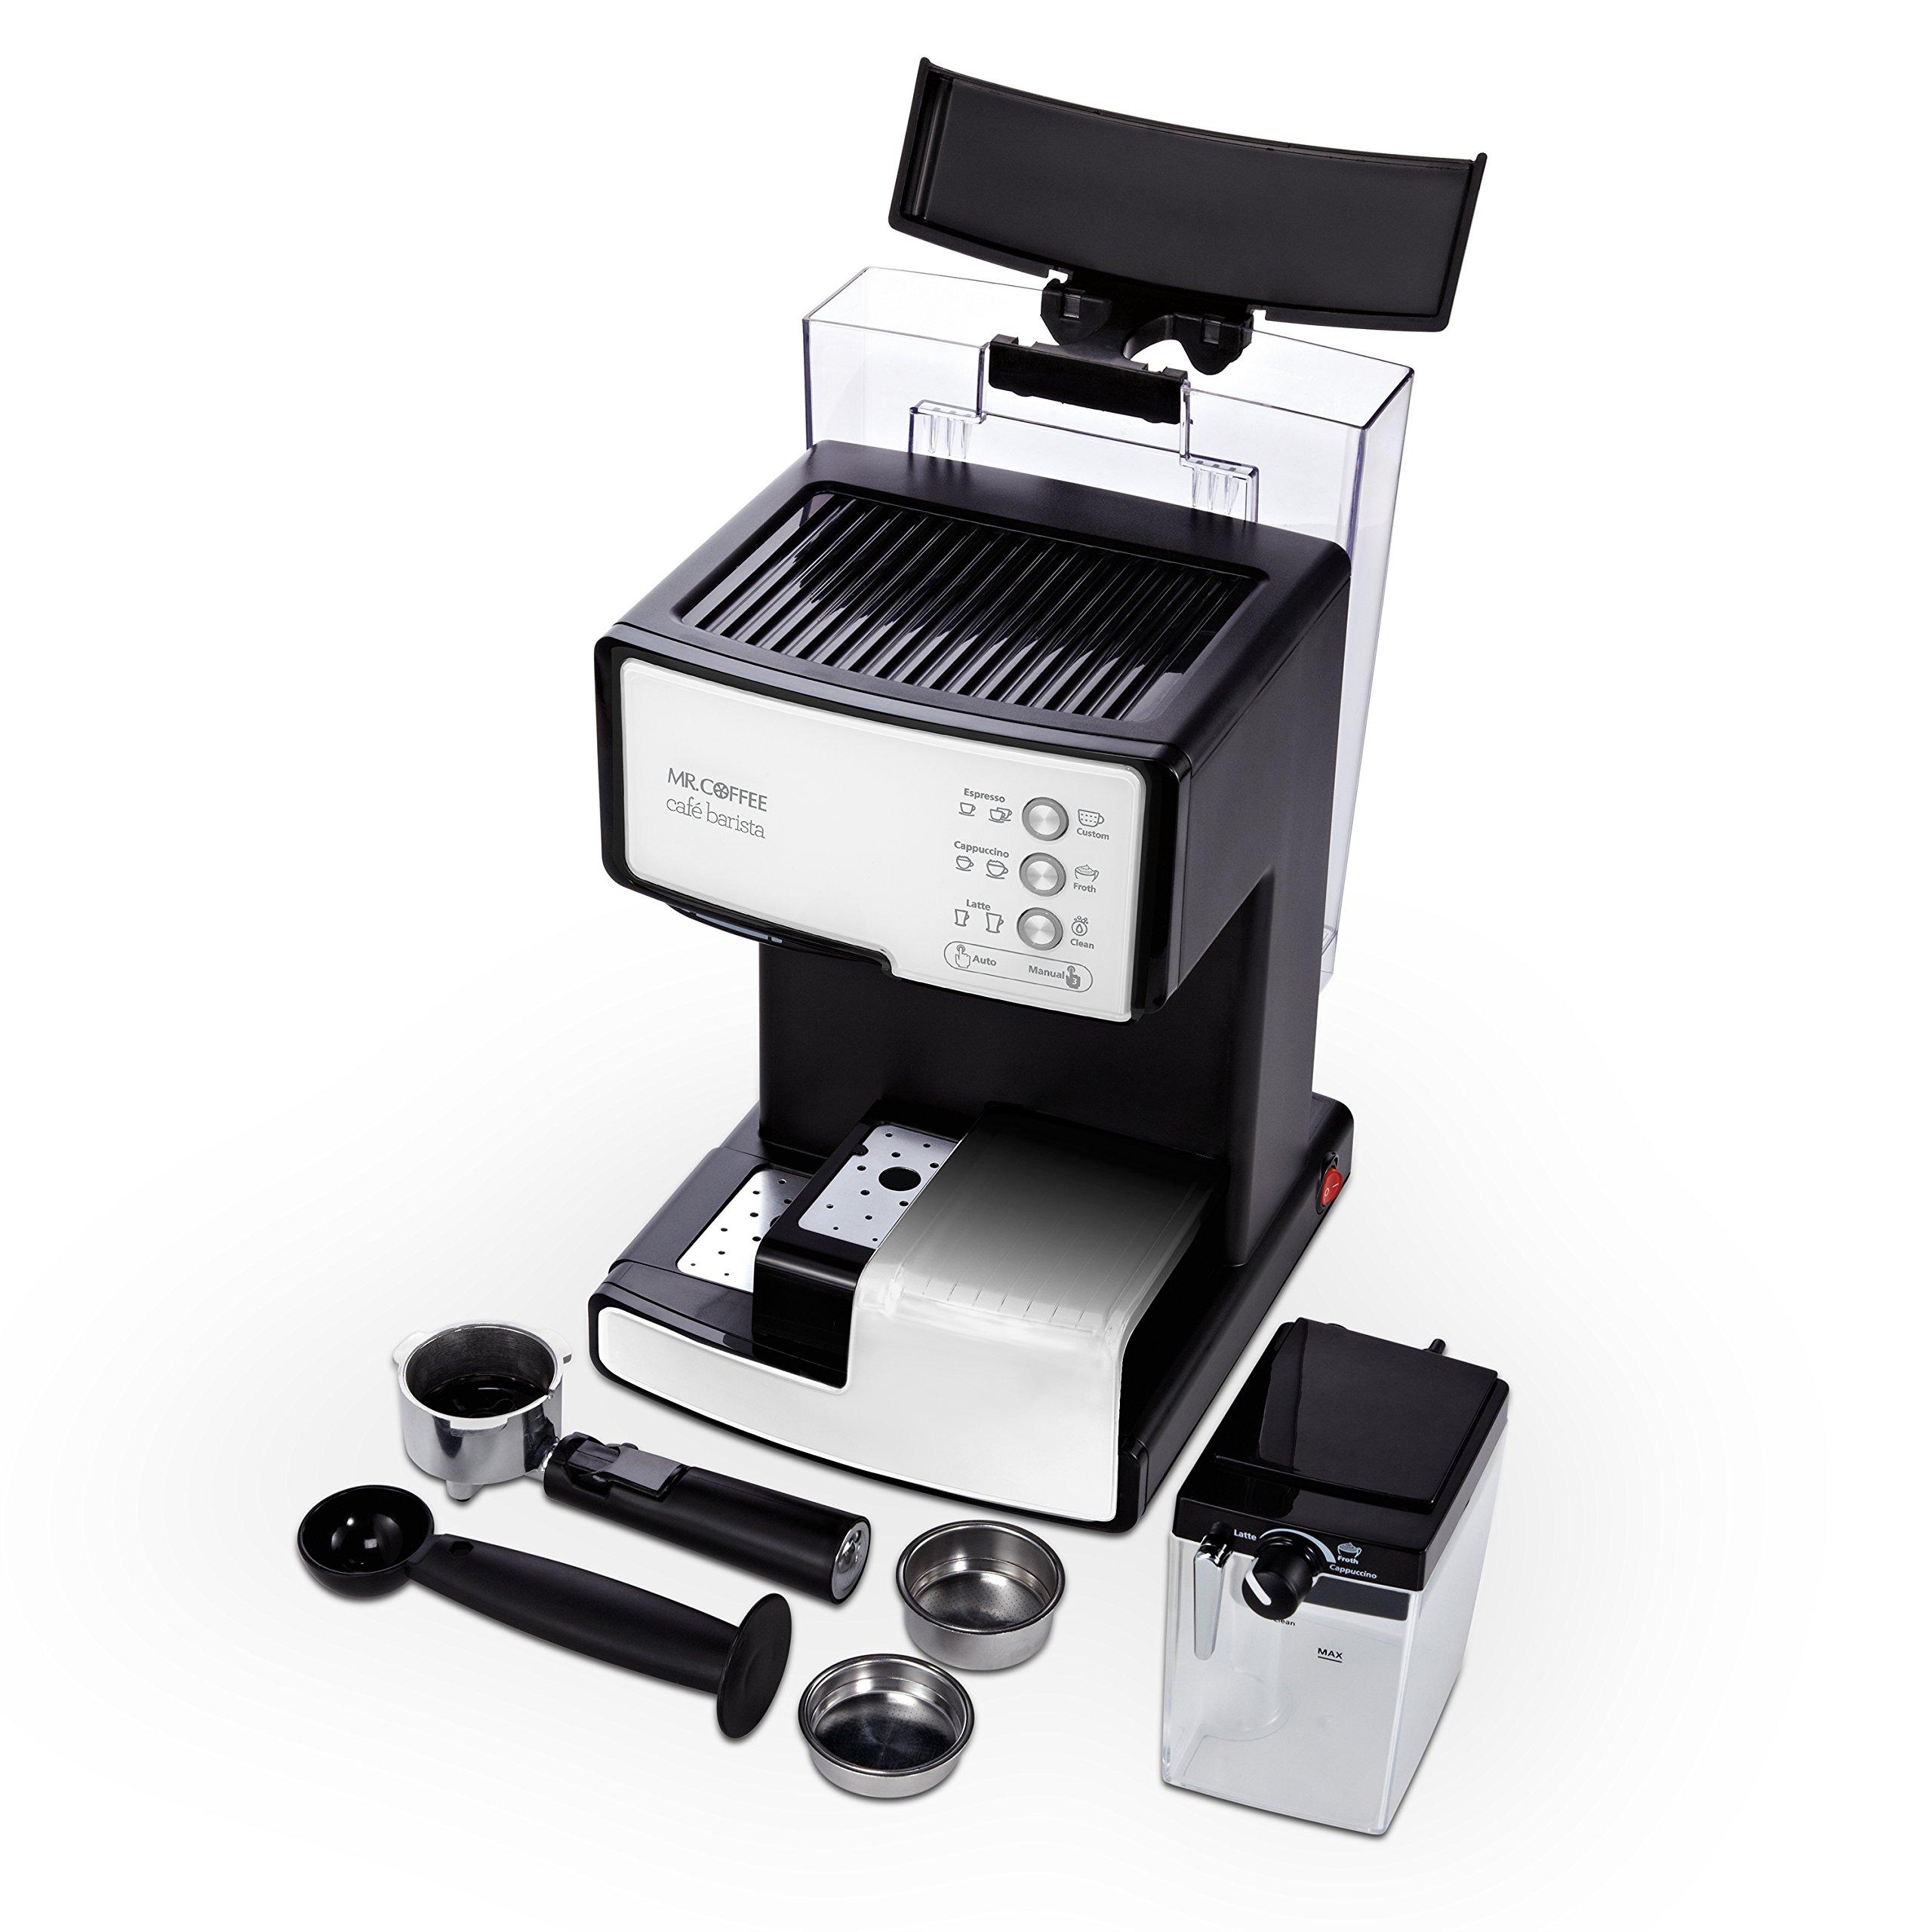 Mr. Coffee BVMC-ECMP1102 Cafe Barista Espresso Maker Machine,  White by Mr. Coffee (Image #2)